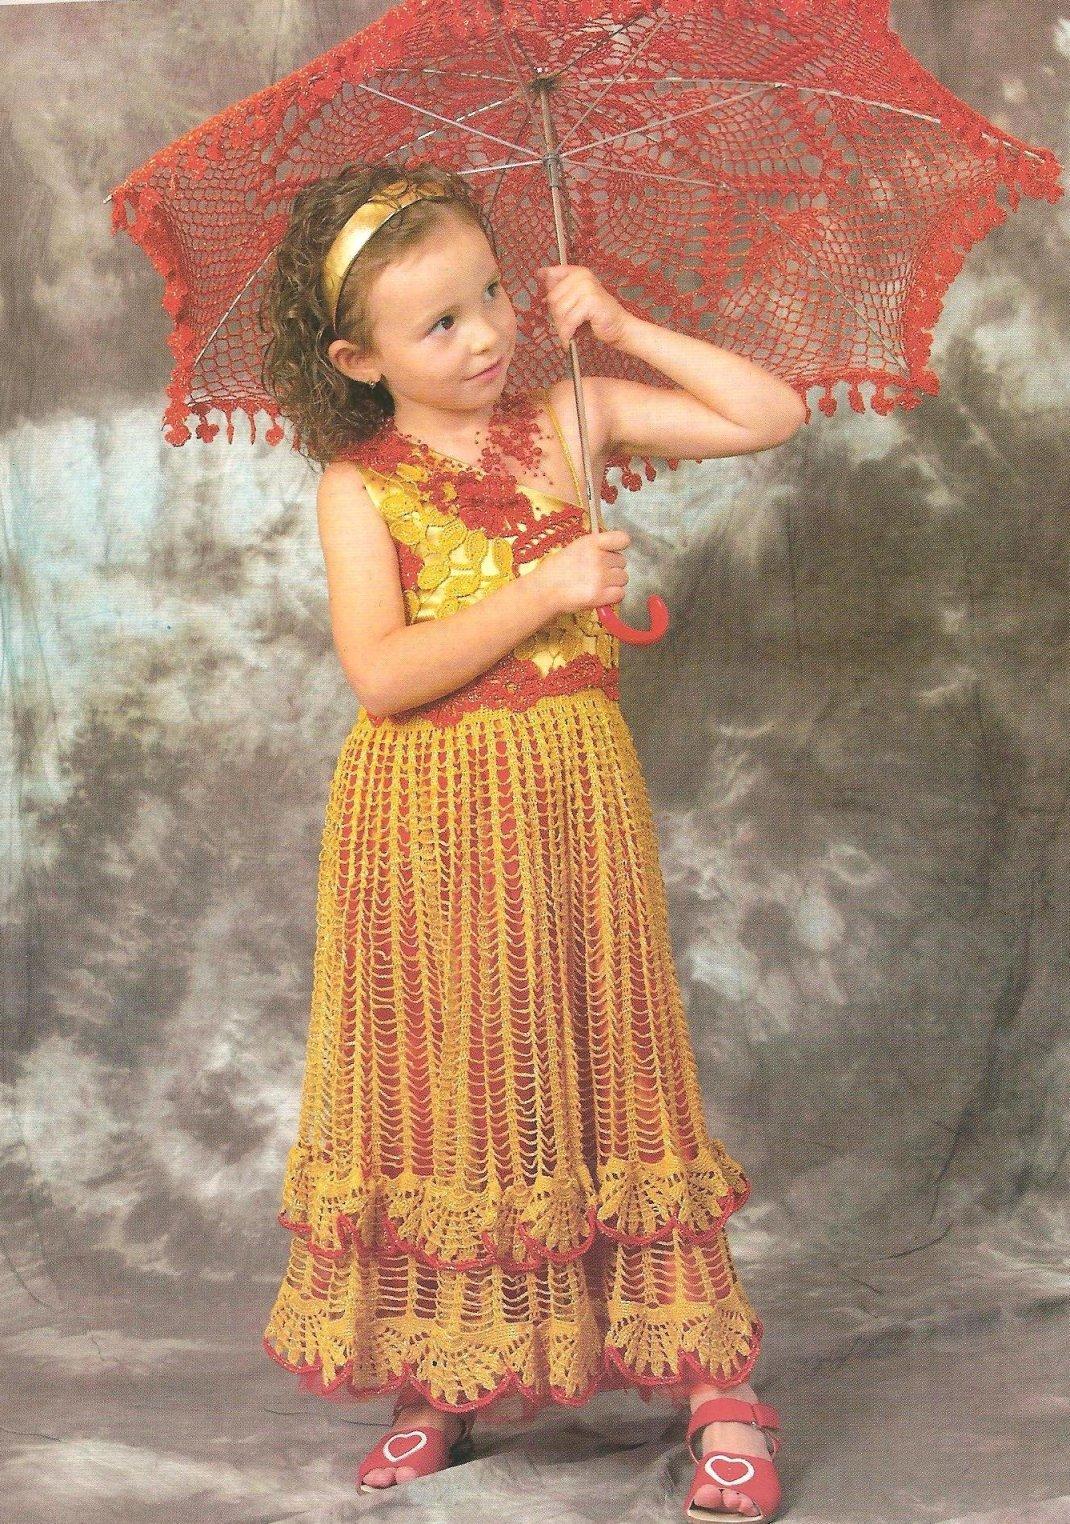 آموزش سرافون بچه به همراه عکس